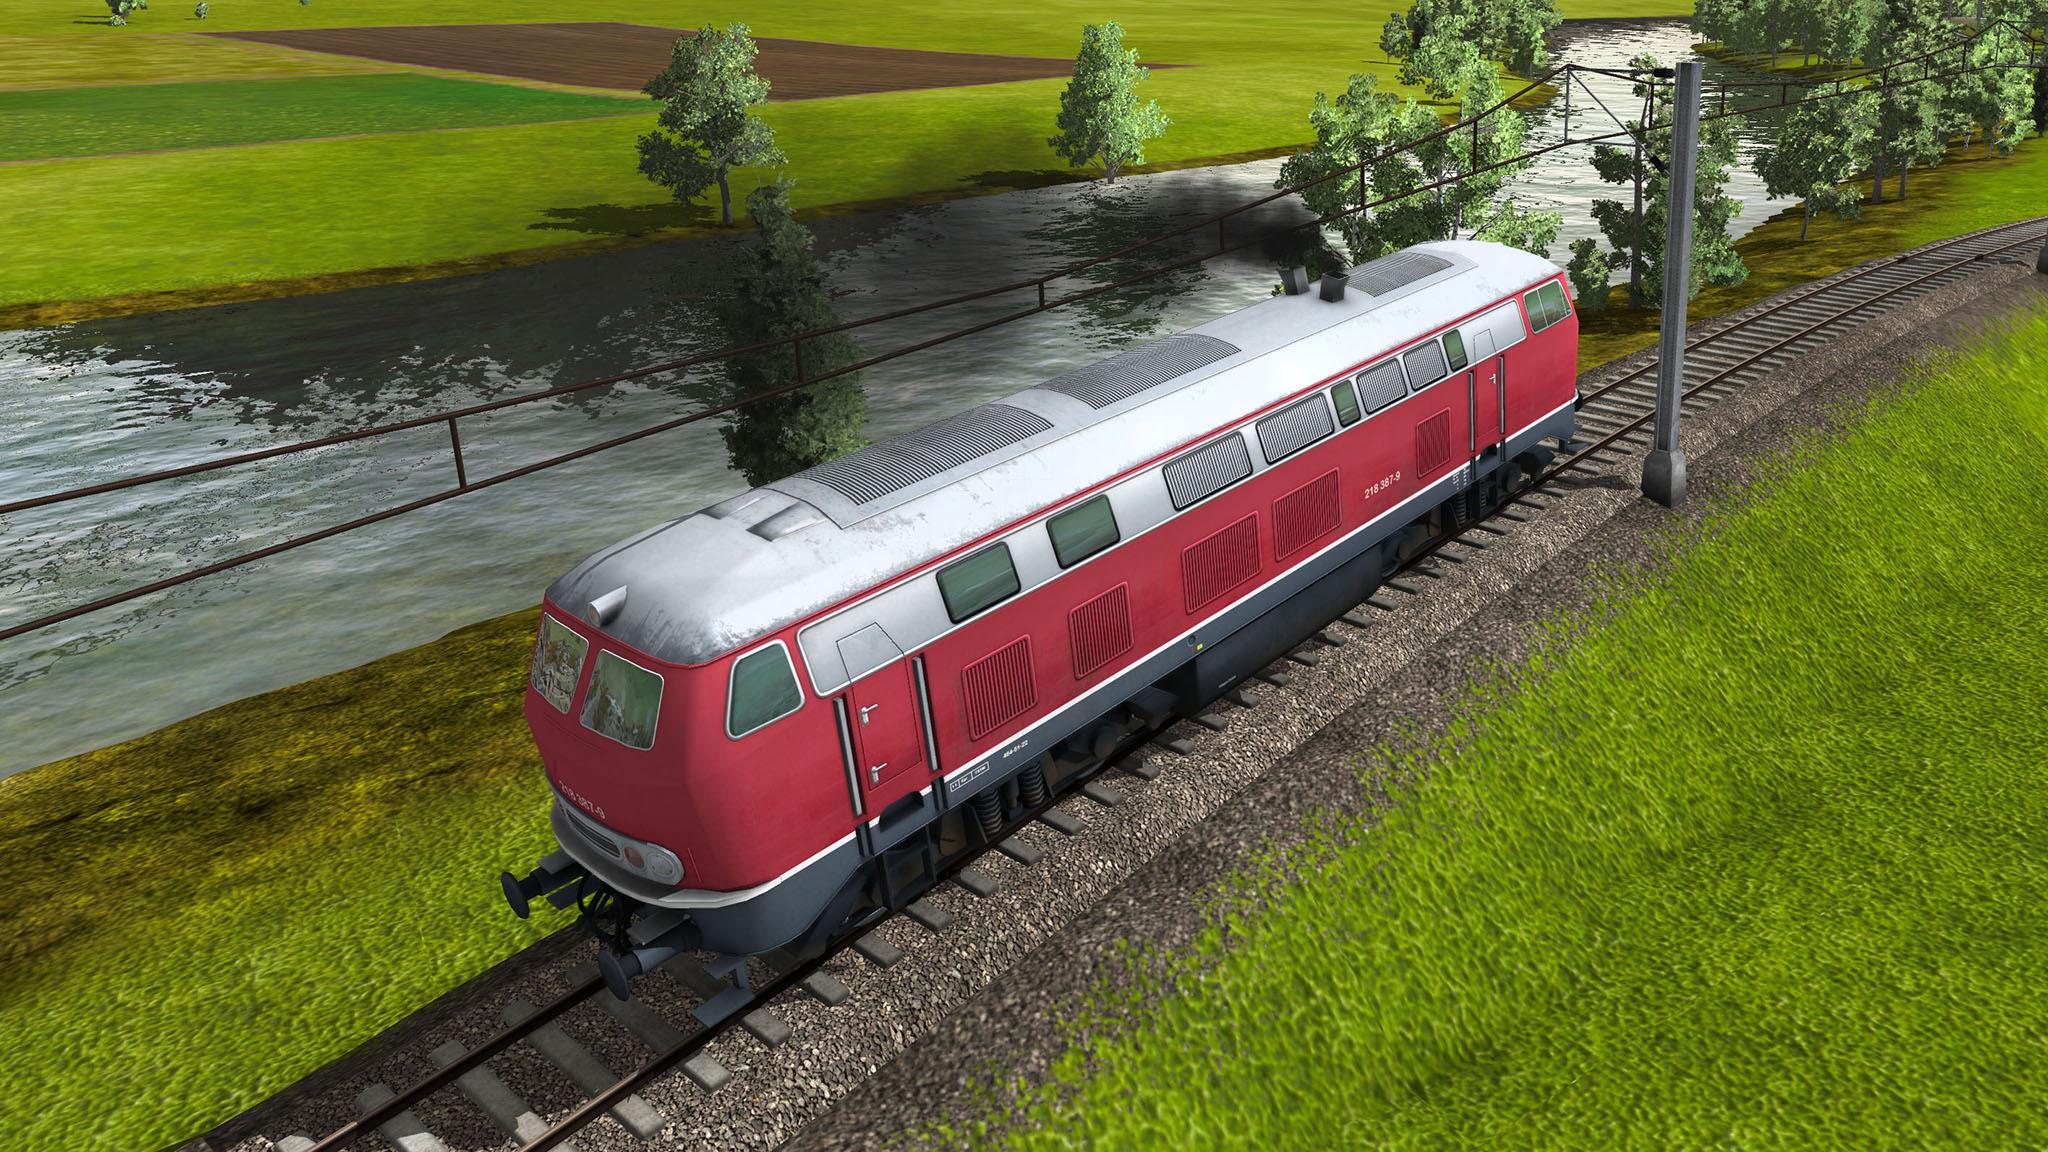 Скачать игру поезд симулятор 2018 через торрент